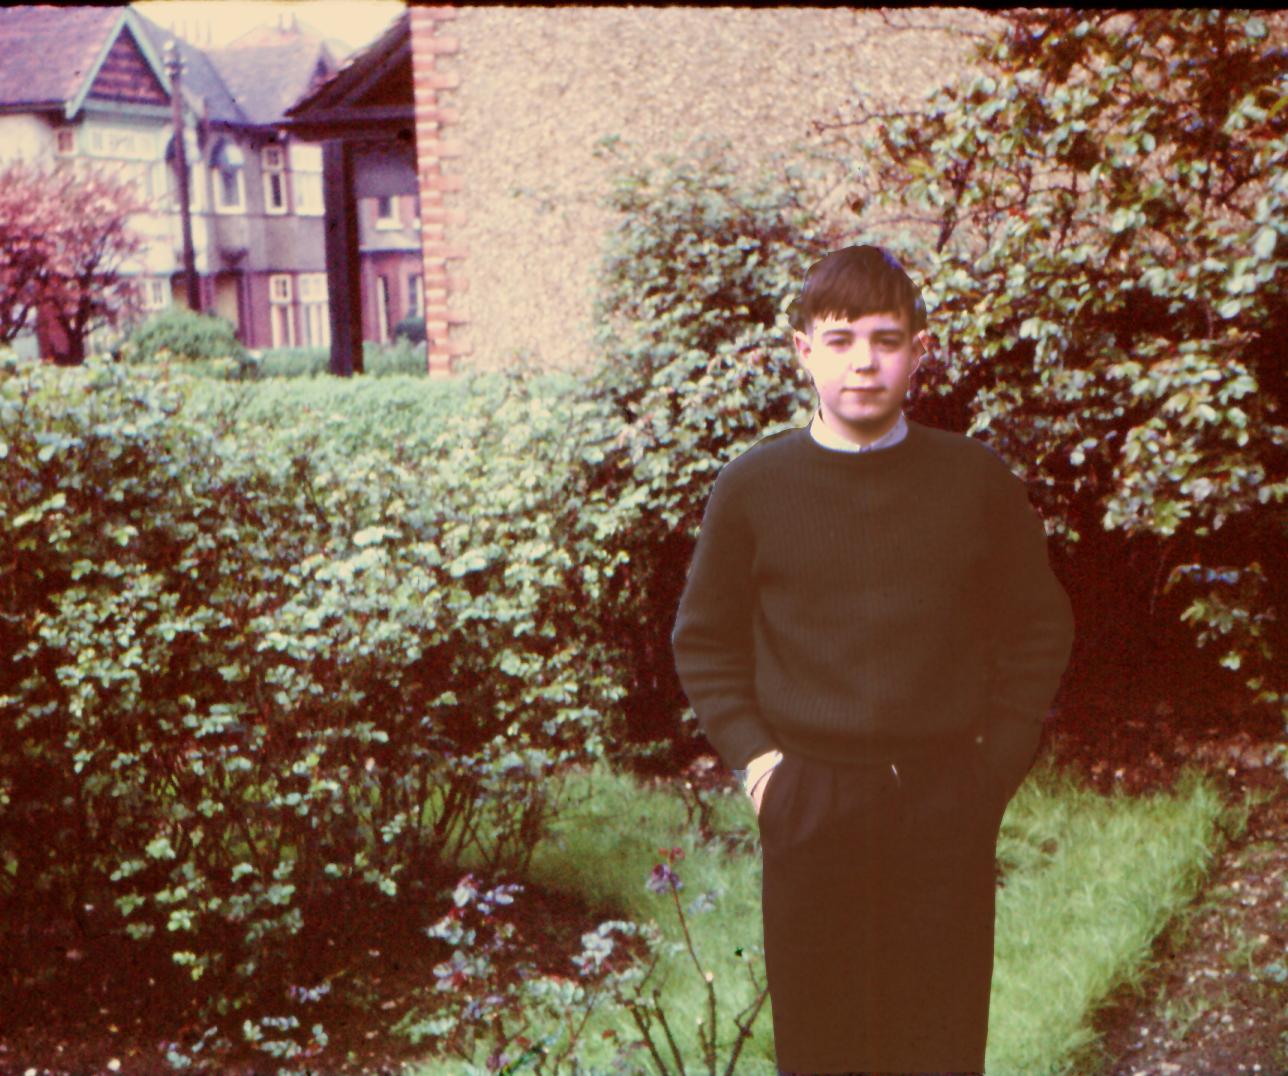 dj in front garden